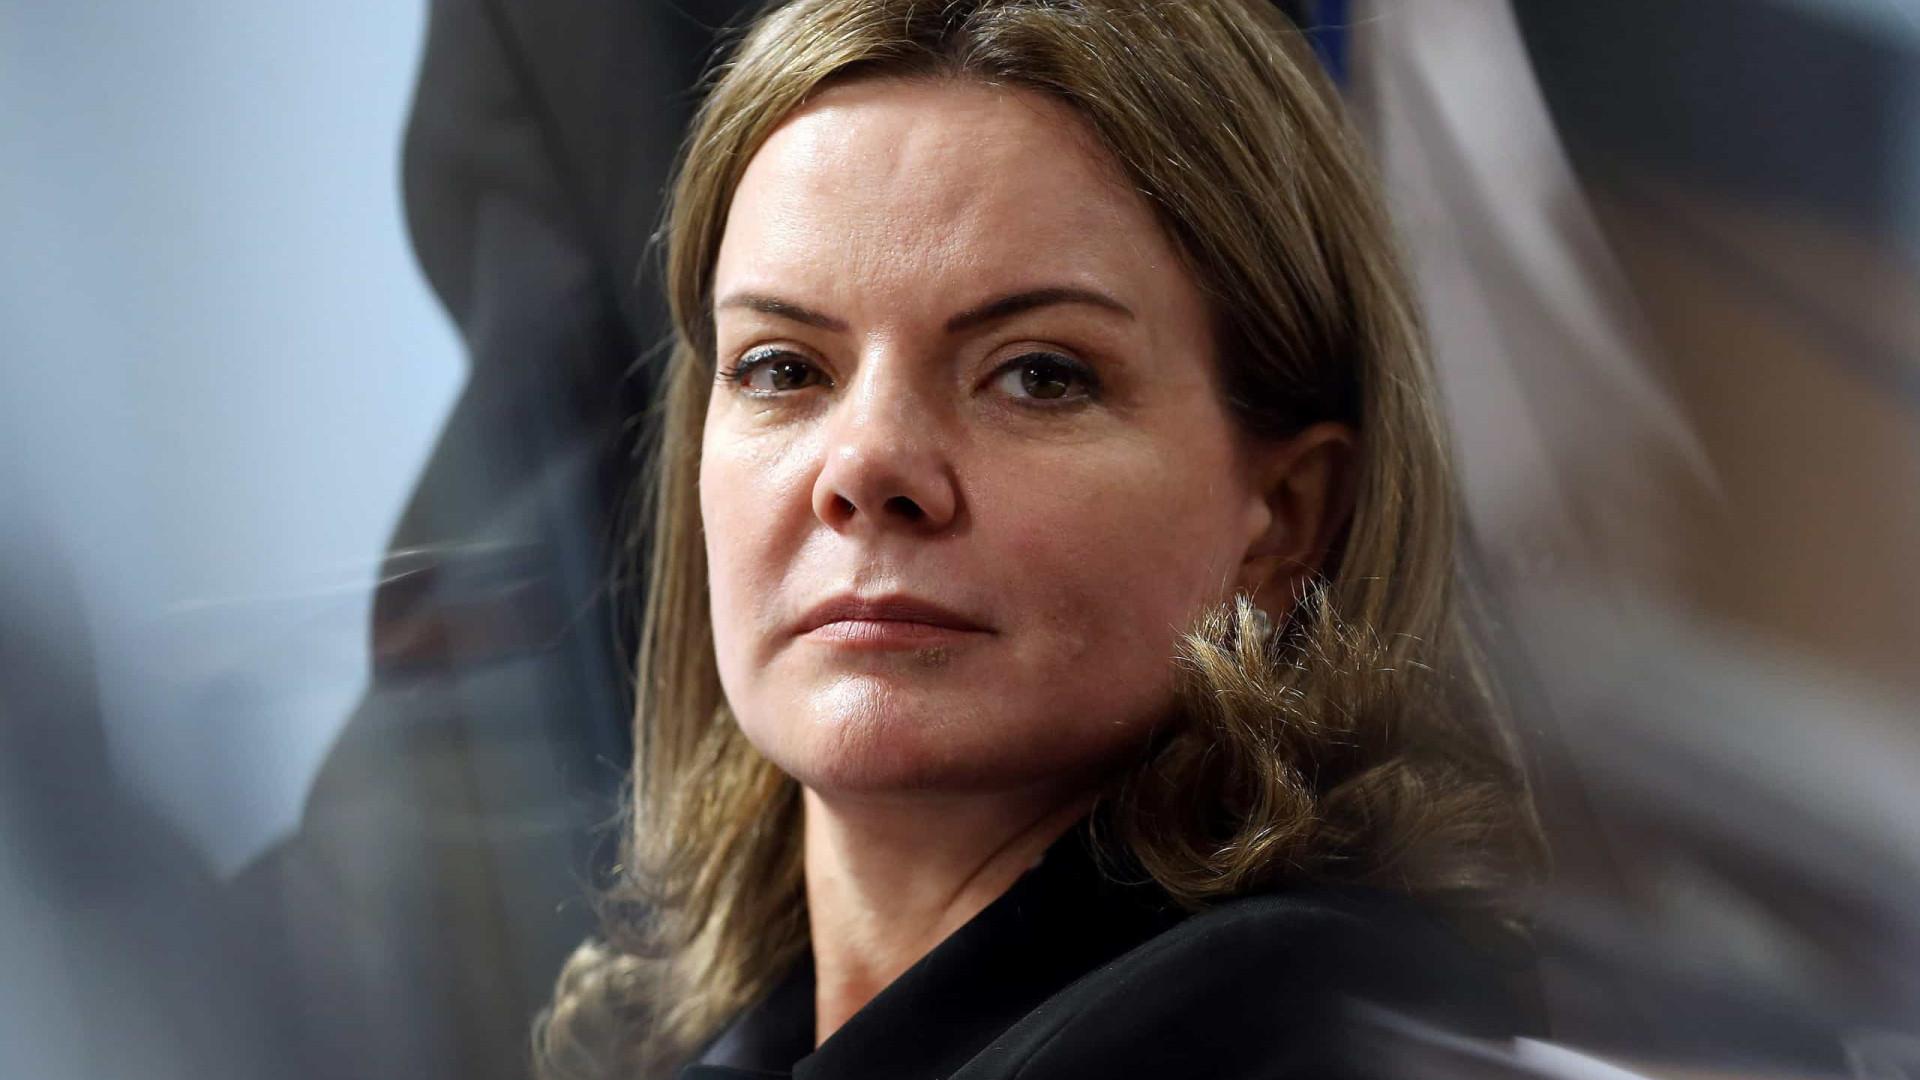 Gleisi critica Obama por falar sobre corrupção envolvendo Lula em 2009